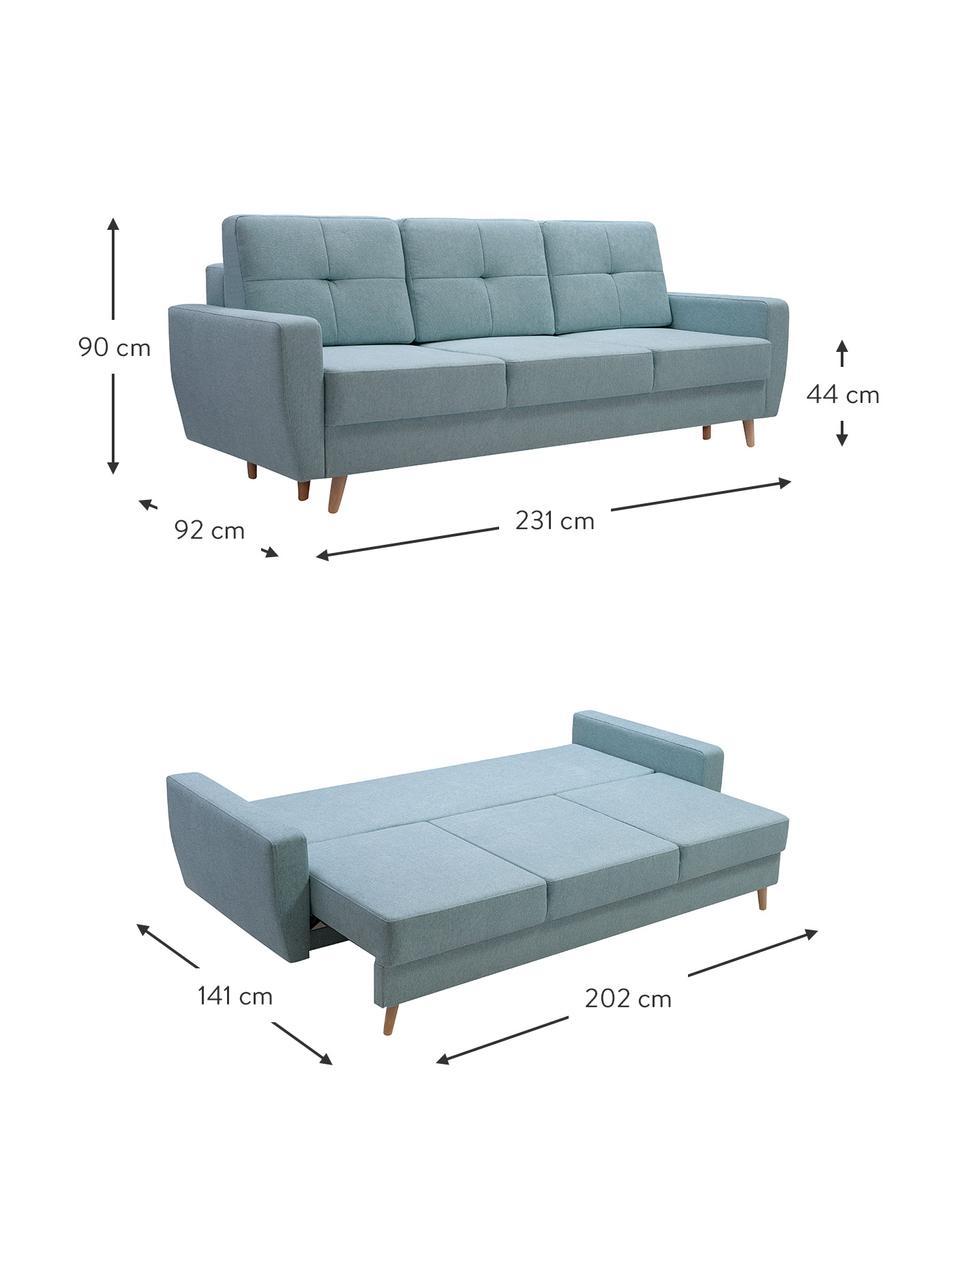 Sofa z funkcją spania i miejscem do przechowywania Bueno (3-osobowa), Tapicerka: 100% poliester, Niebieski, S 231 x G 92 cm